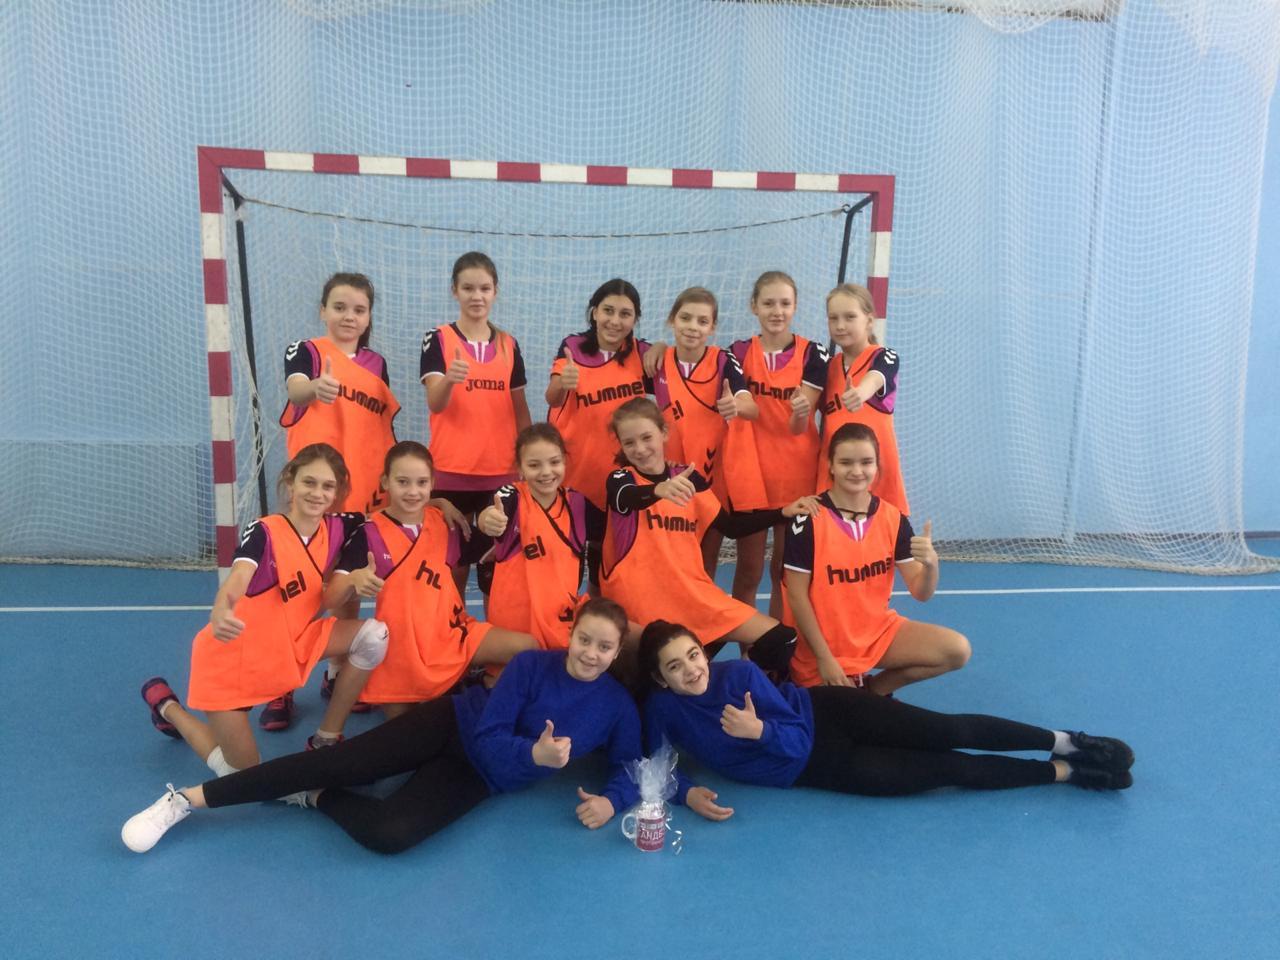 В г. Протвино завершился 1 круг Первенства Москов ской области по гандболу среди девушек 2006 г.р.